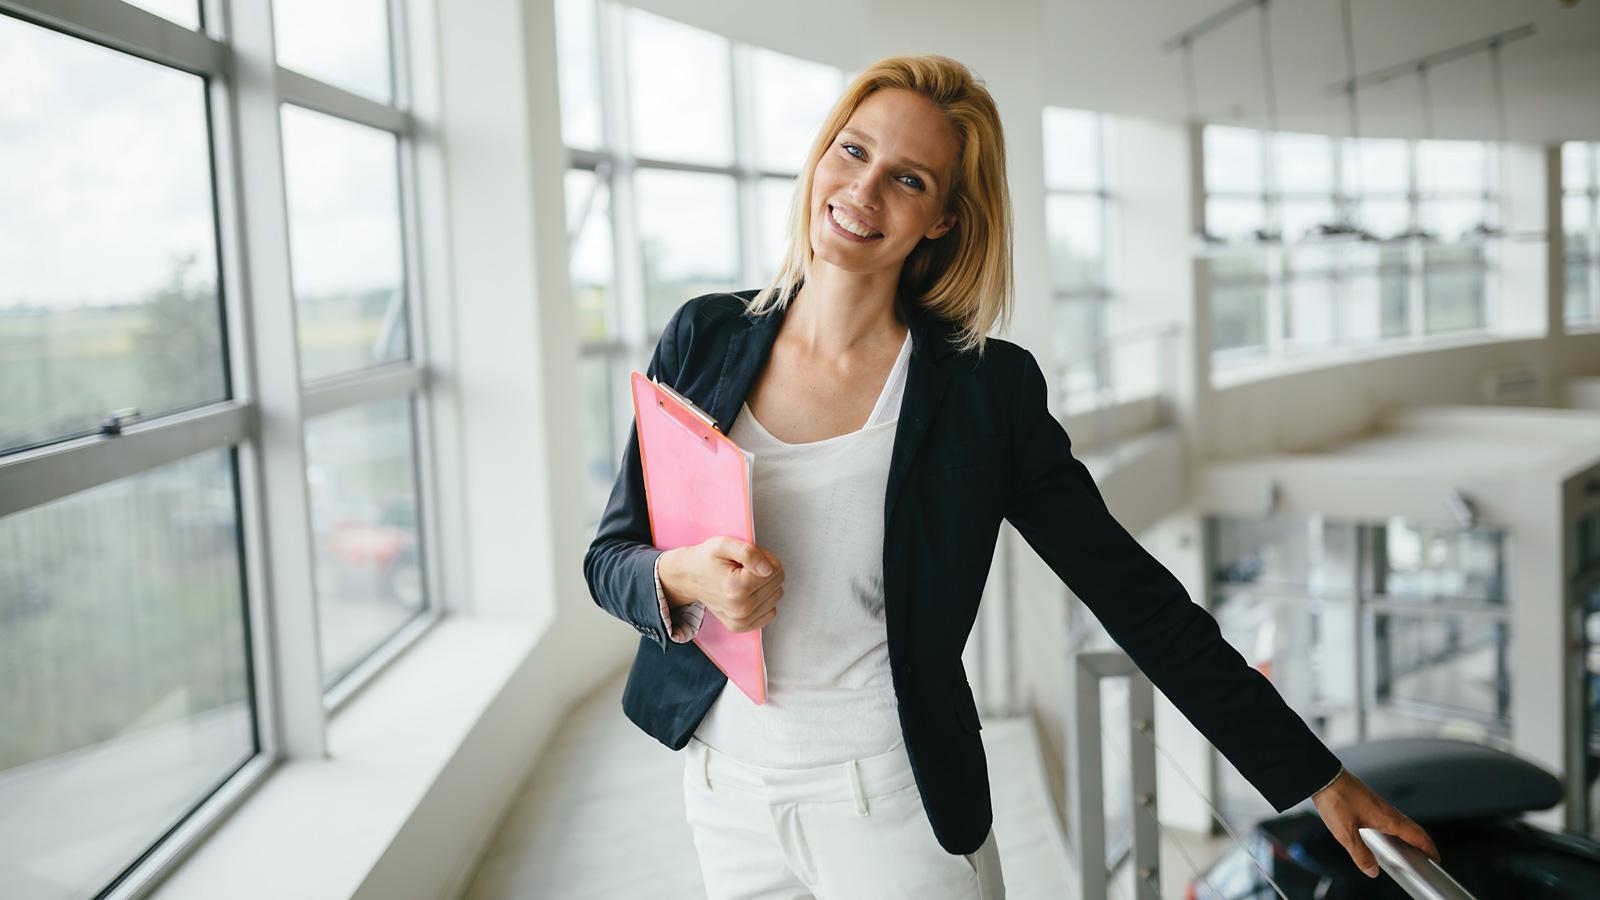 5 kroków jak wdrożyć pracownika online Praca mediarun kobieta praca rekrutacja online 2020